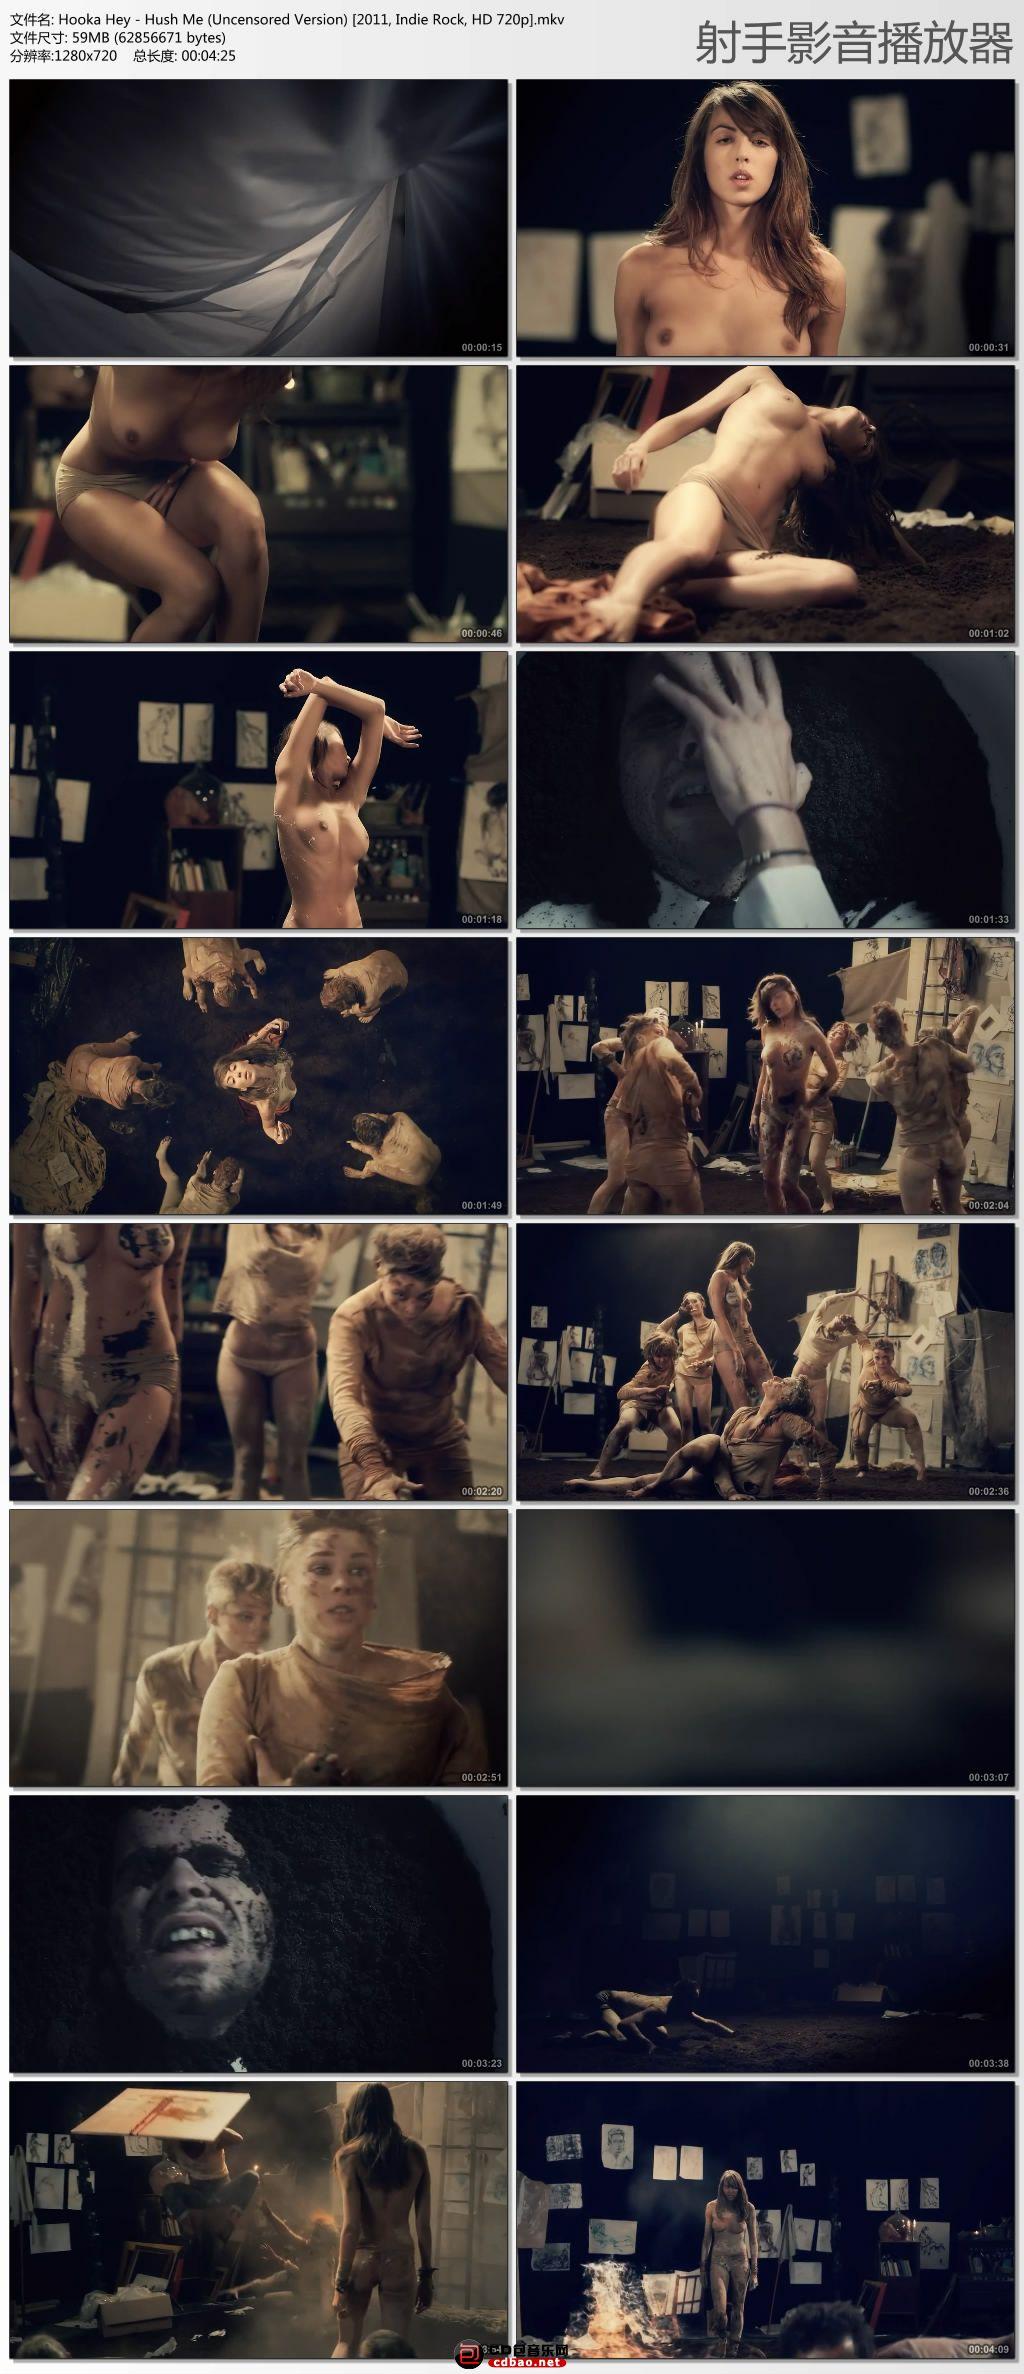 Hooka Hey - Hush Me (Uncensored Version) [2011, Indie Rock, HD 720p].jpg